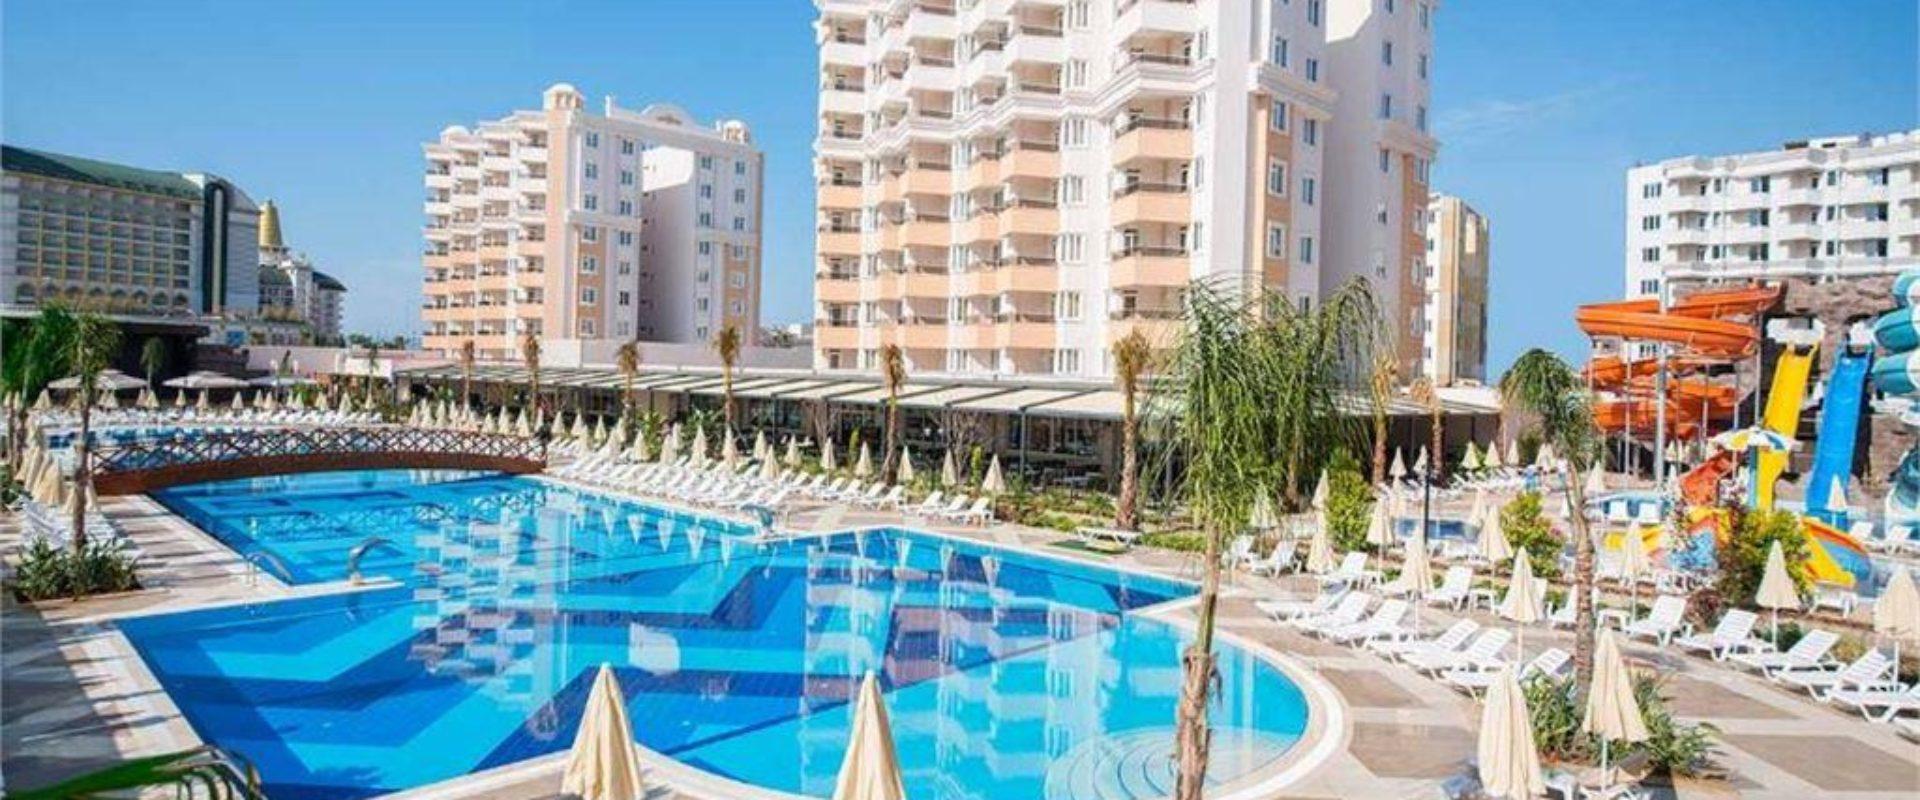 Vara 2020, Turcia, Antalya, Hotel Ramada Resort Lara